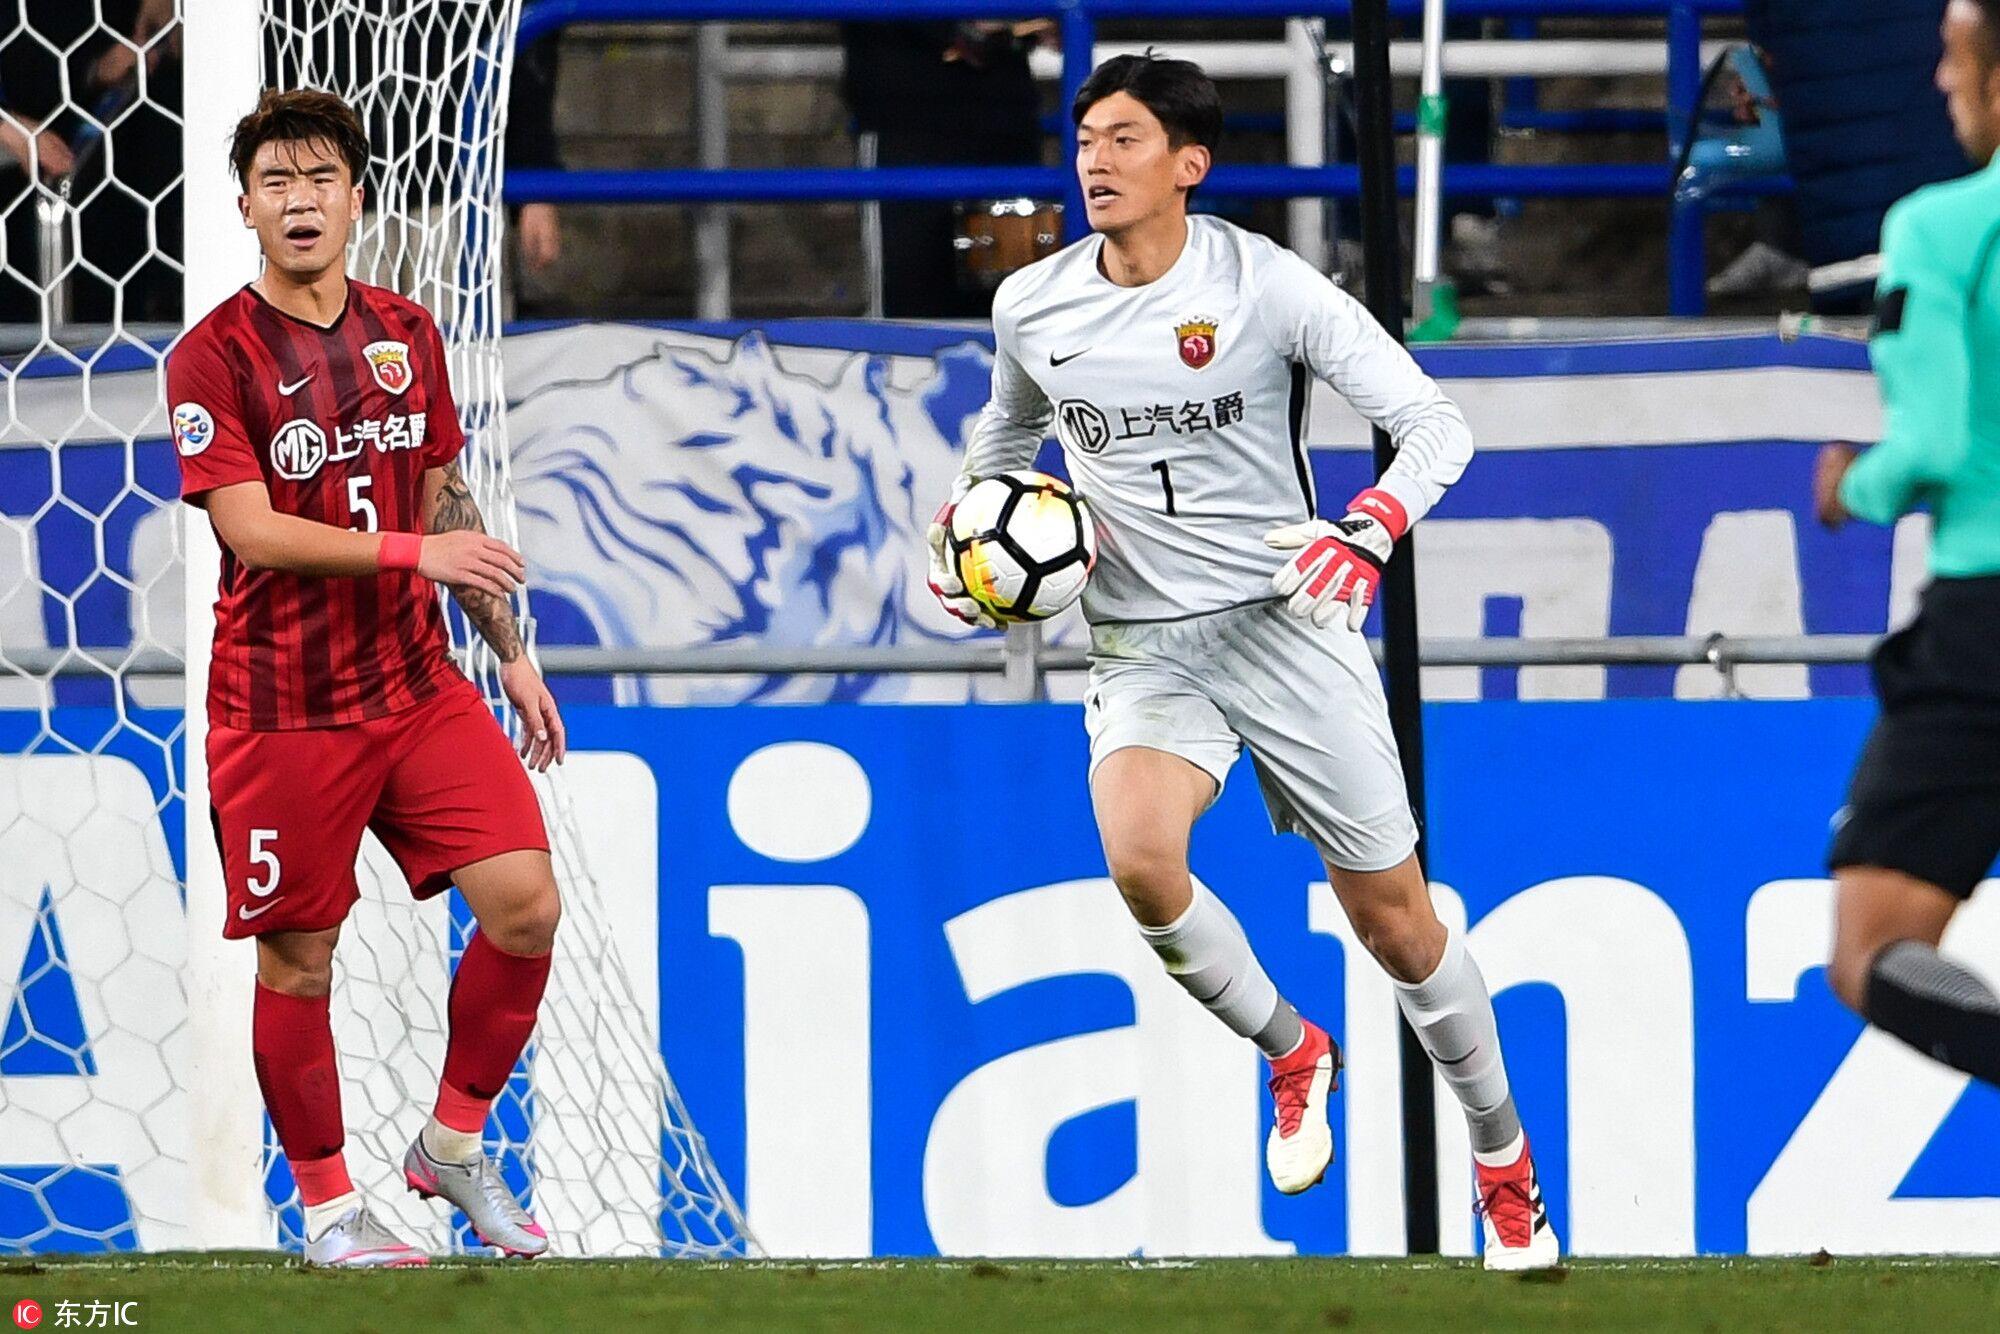 颜骏凌谈对方错失绝佳机会:运气也是足球比赛的一部分